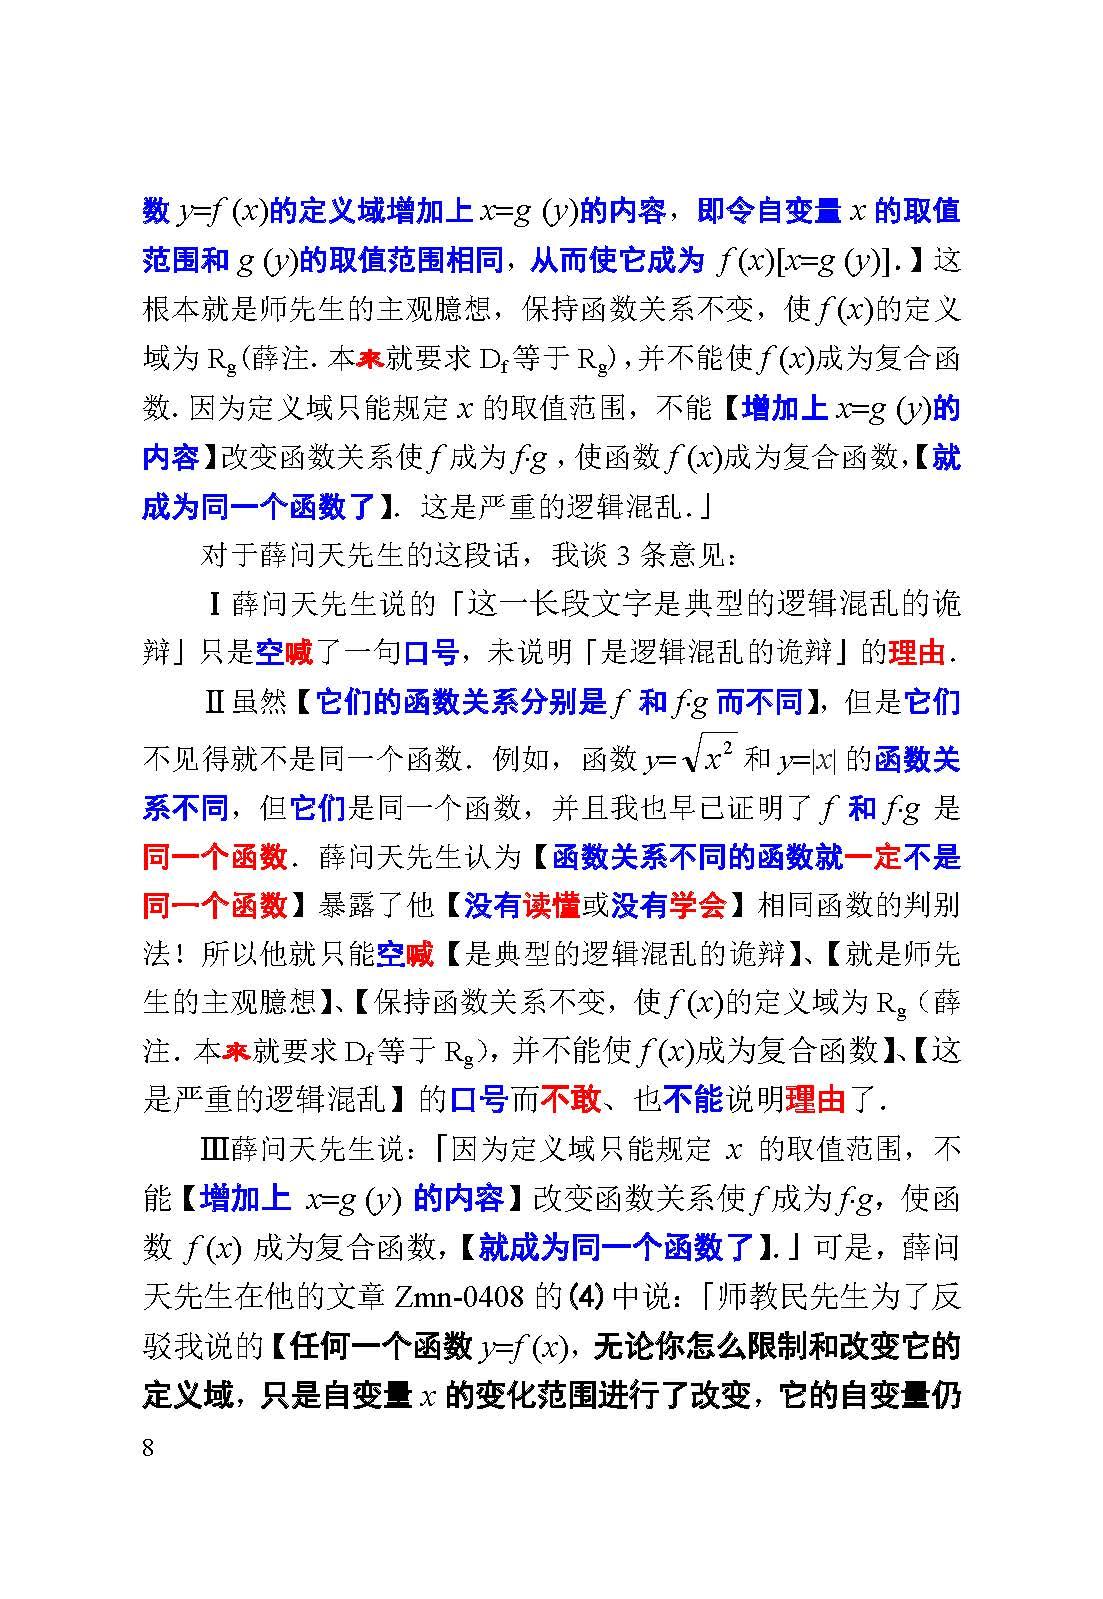 评薛问天先生的文章0428_页面_08.jpg